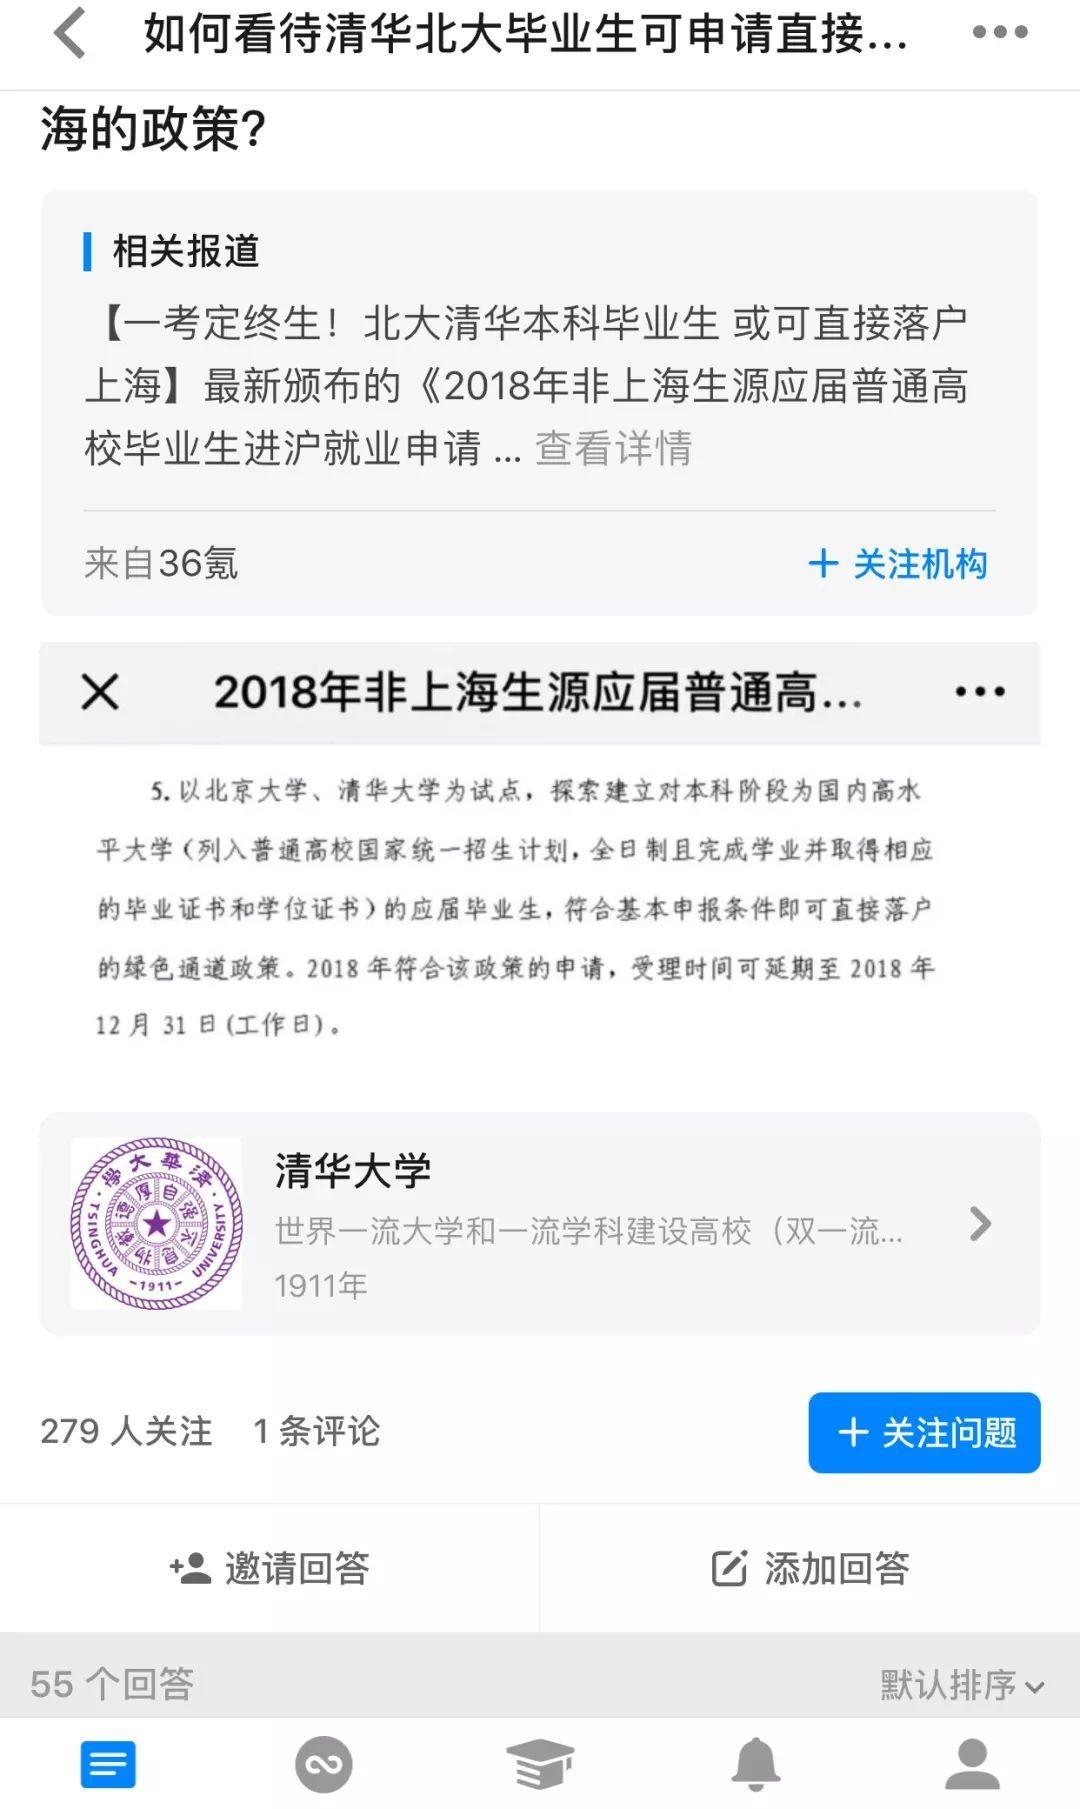 北大清华本科毕业生可直接落户上海,戳破了一条残忍的潜规则